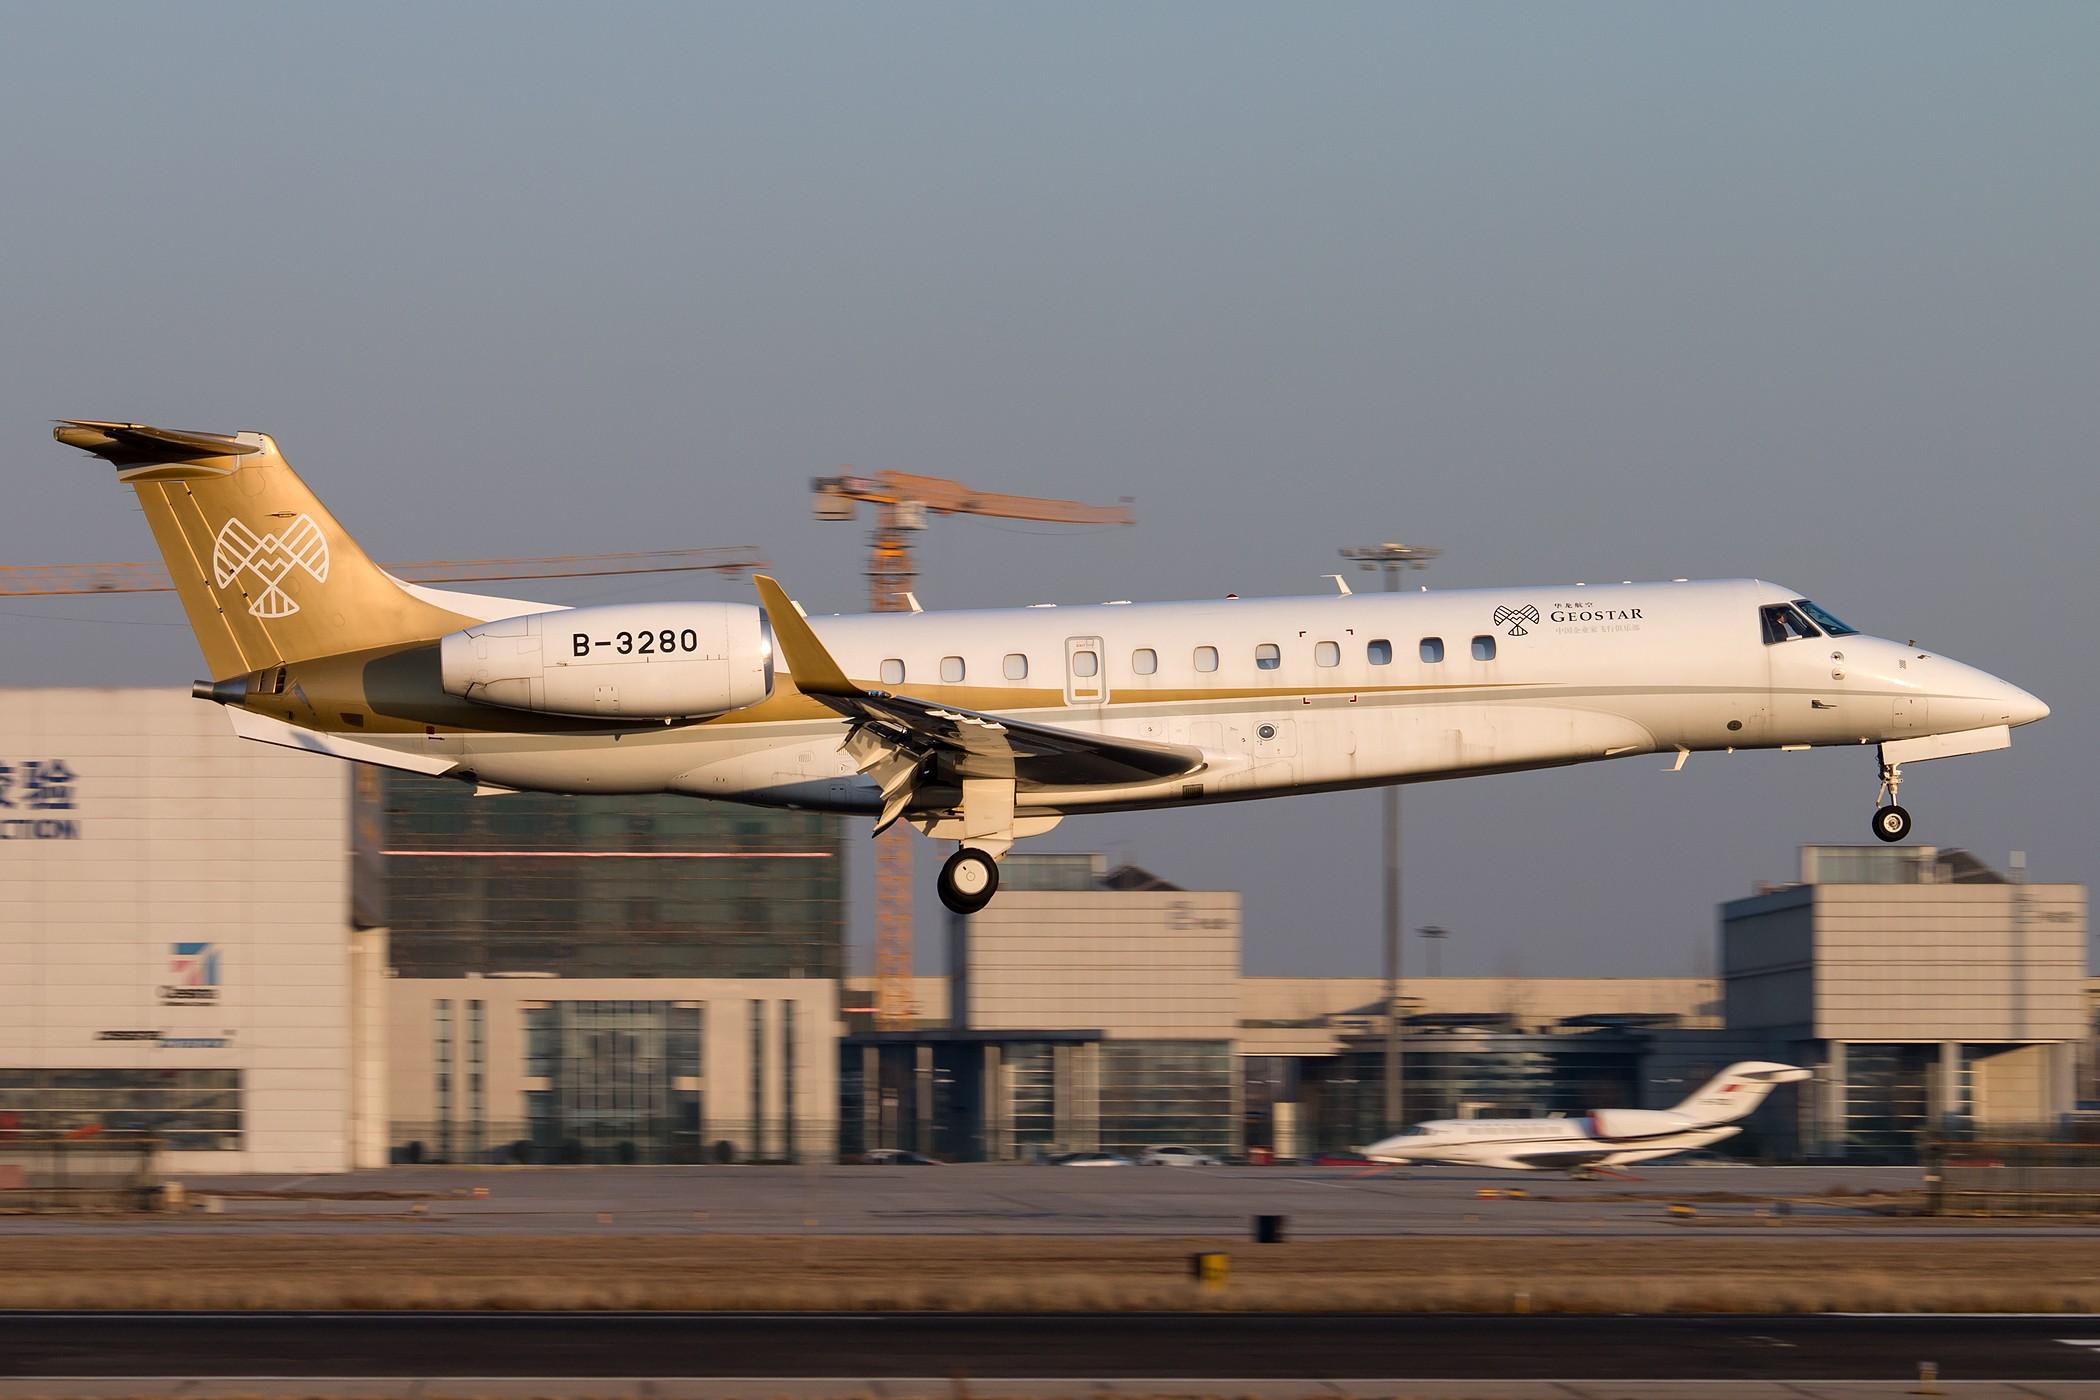 [原创][一图党] 华龙航空 中国企业家飞行俱乐部 B-3280 2100*1400 EMBRAER LEGACY 650 B-3280 中国北京首都国际机场